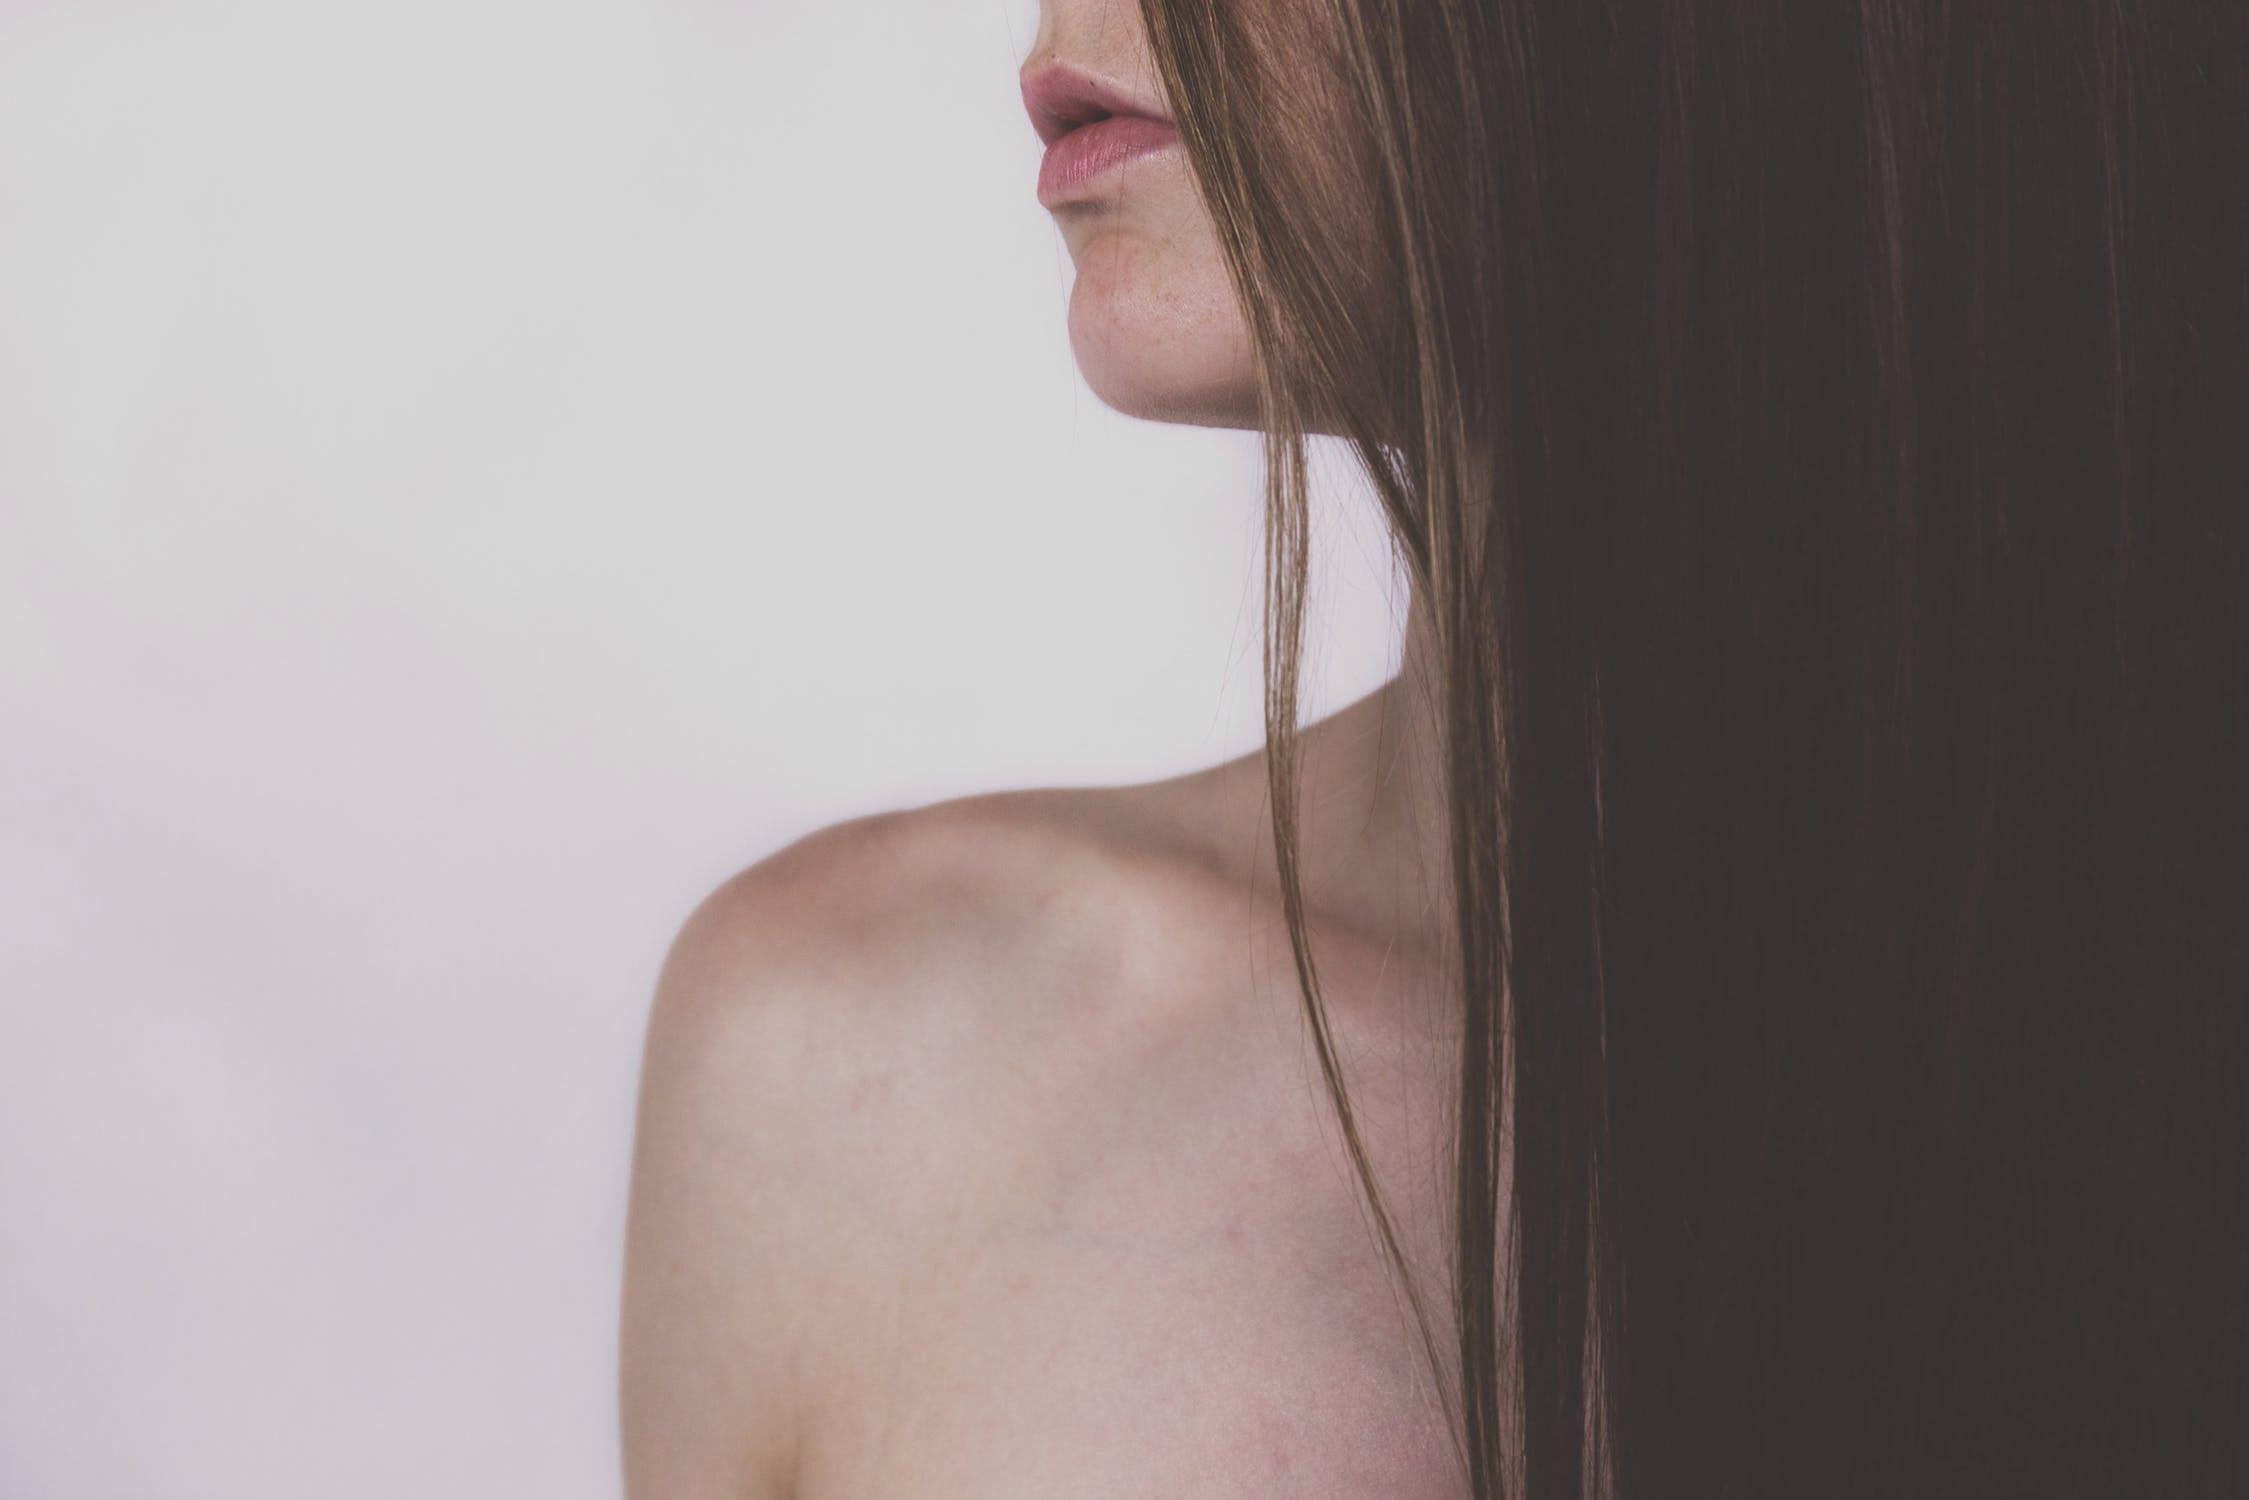 Les 5 bonnes astuces à adopter pour les cheveux gras - Madame La Présidente, Complément capillaire pour les cheveux, complément capillaire, Résolution N°1, Résolution N°2, thé détox, thé détox naturel, complément alimentaire cheveux, made in France, produit made in France